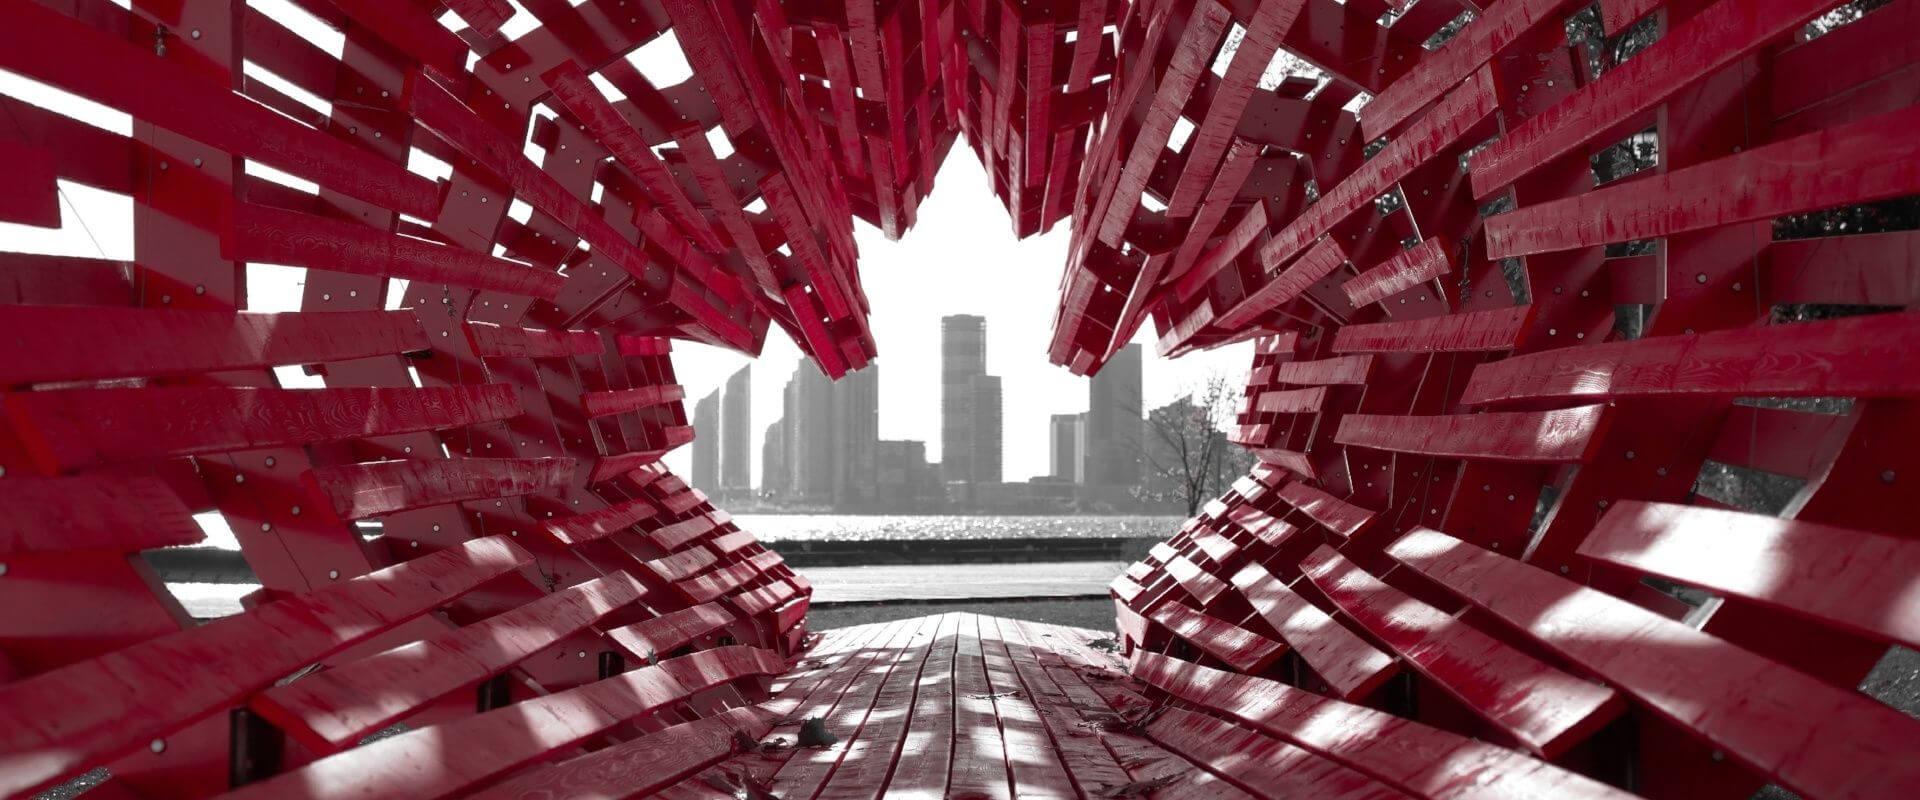 city-portrais-smart-city-toronto.jpg